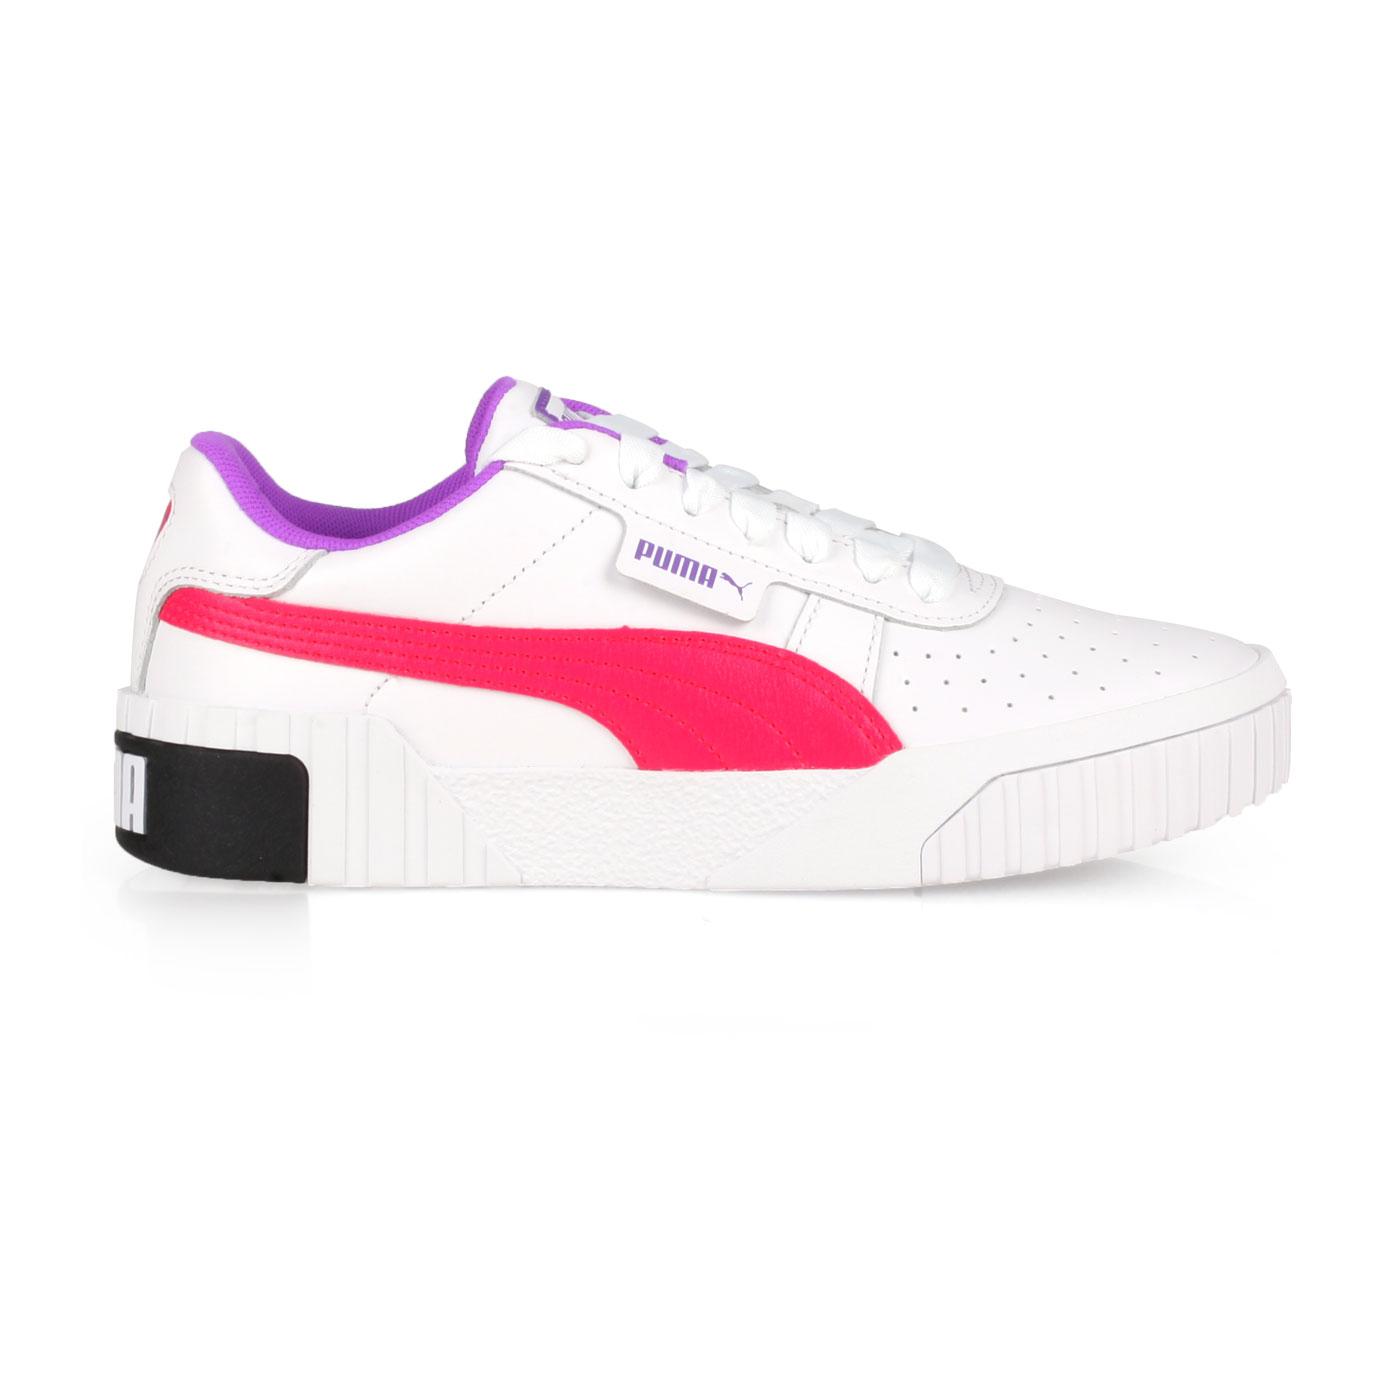 PUMA 女款休閒運動鞋  @Cali Chase Wn's@36997002